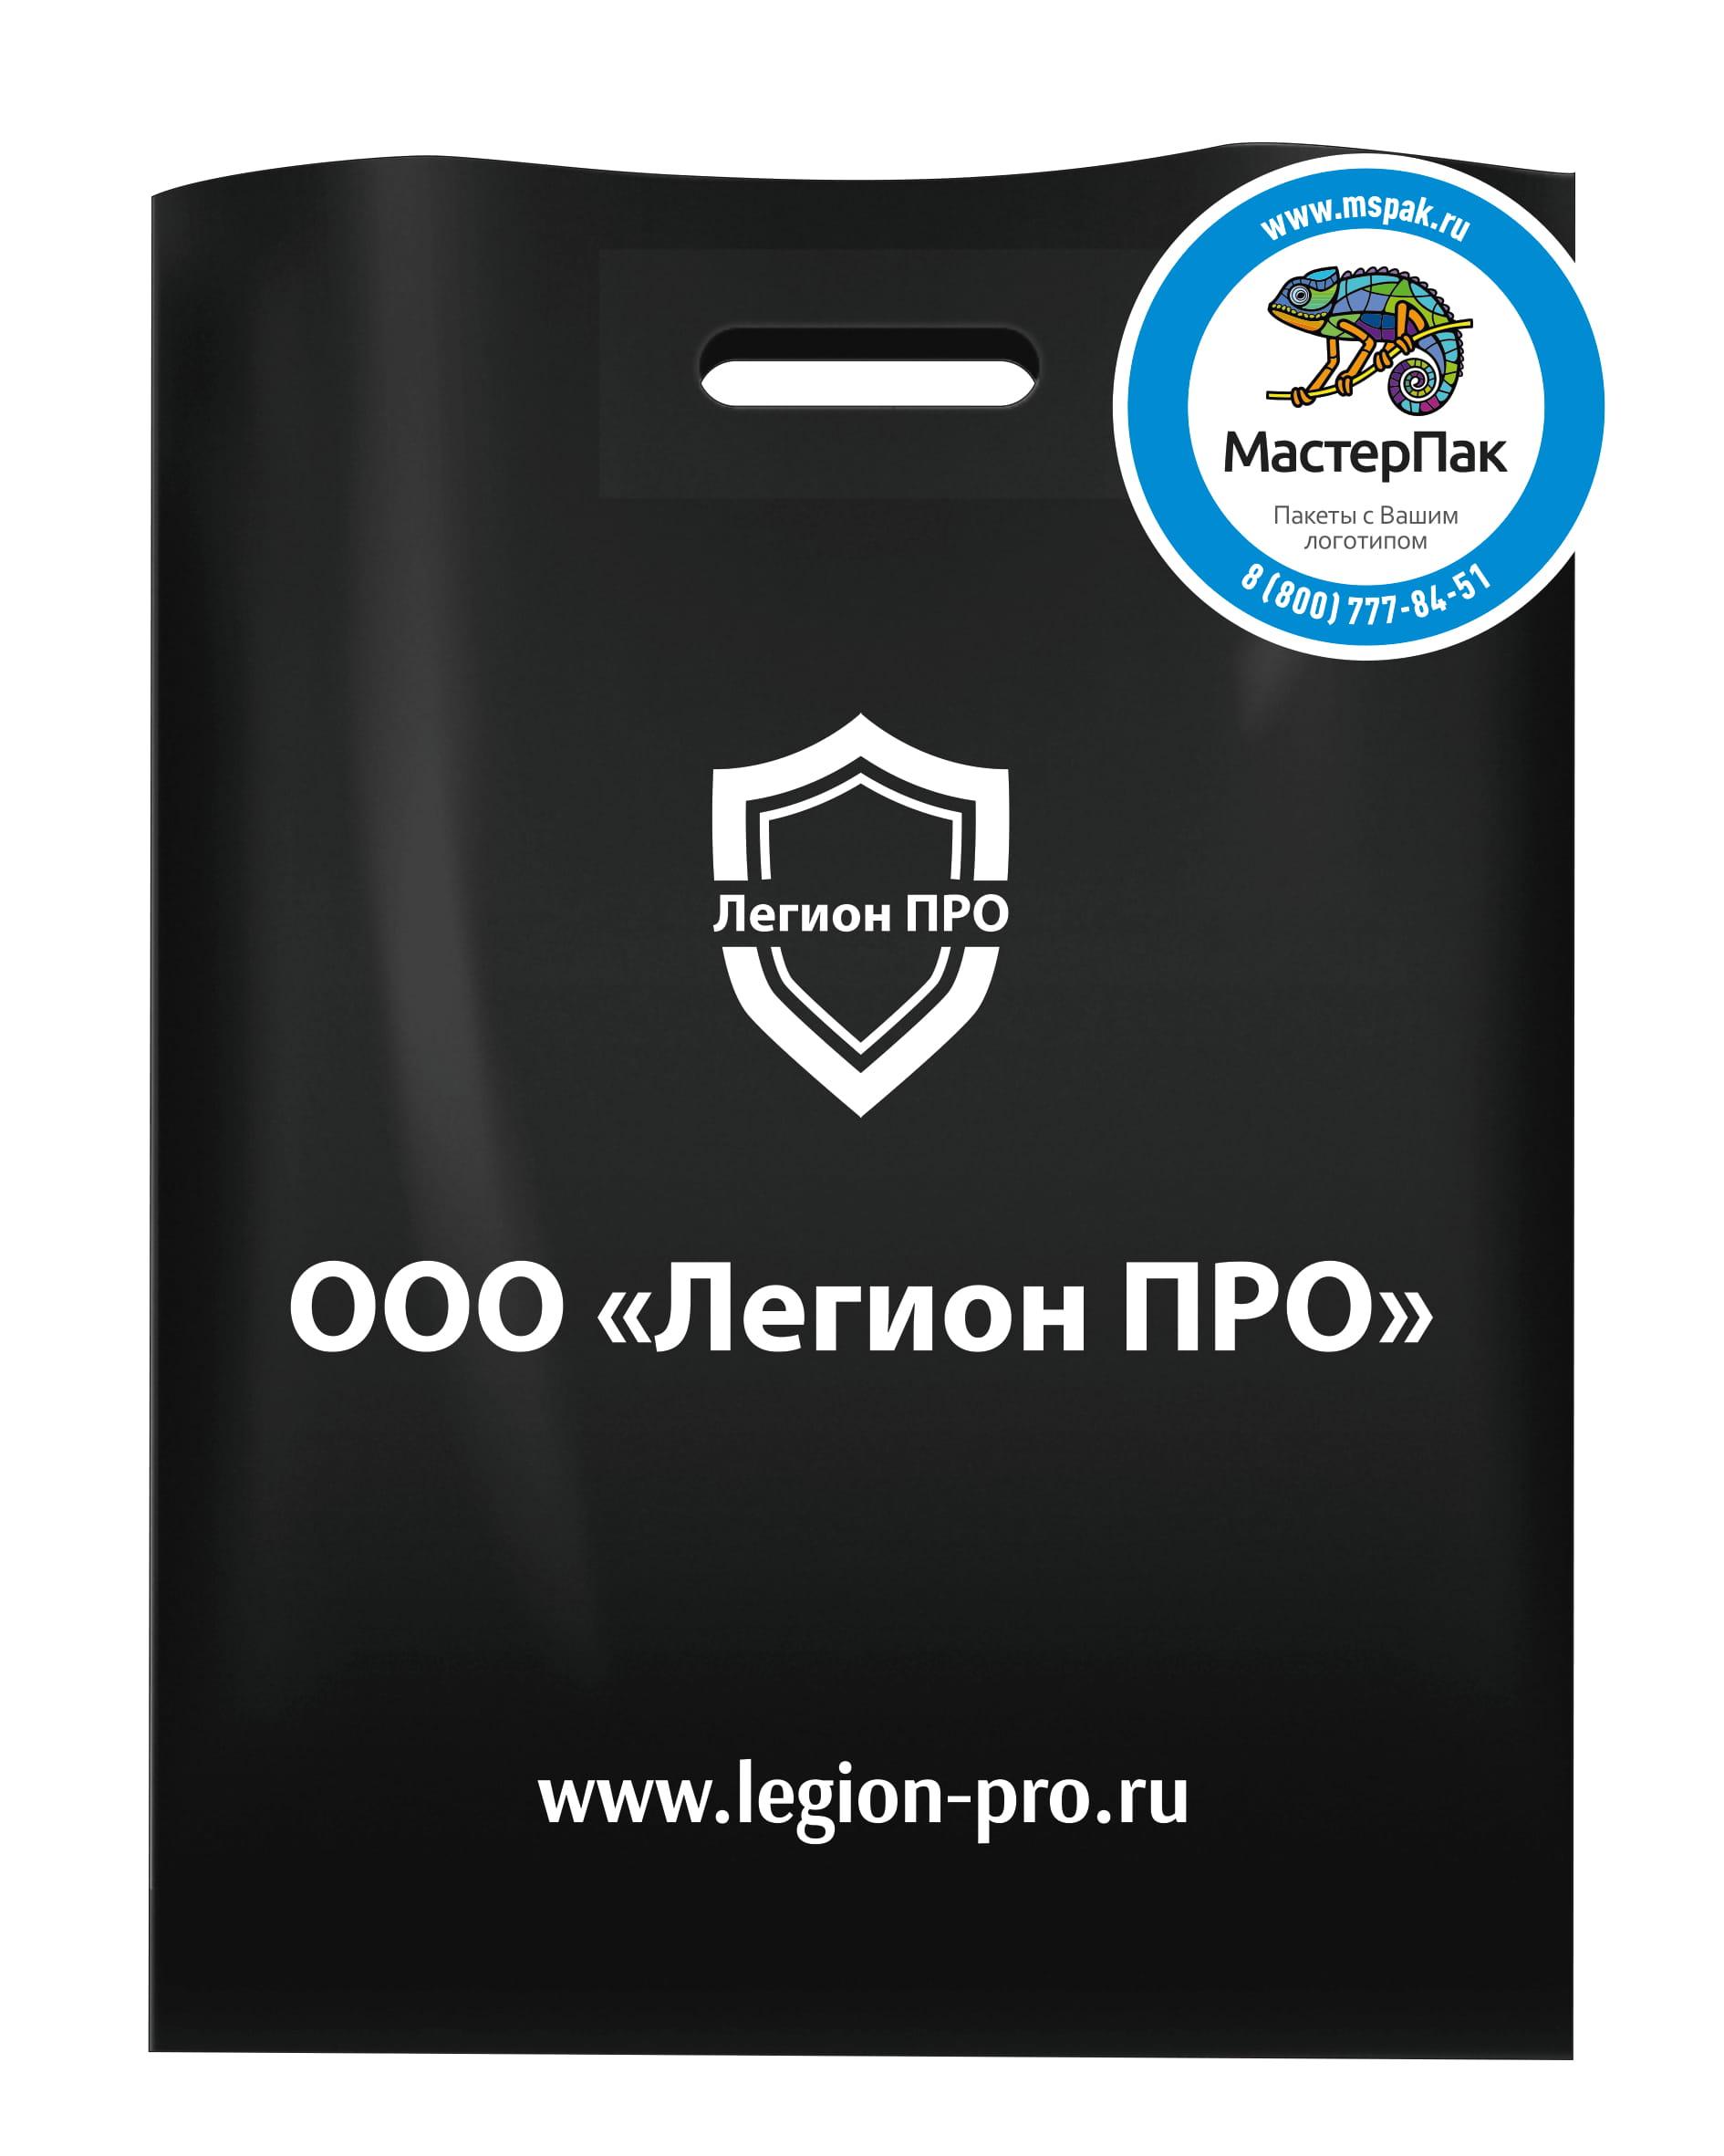 Пакет ПВД с логотипом Легион ПРО, Москва, 70 мкм, 30*40, черный